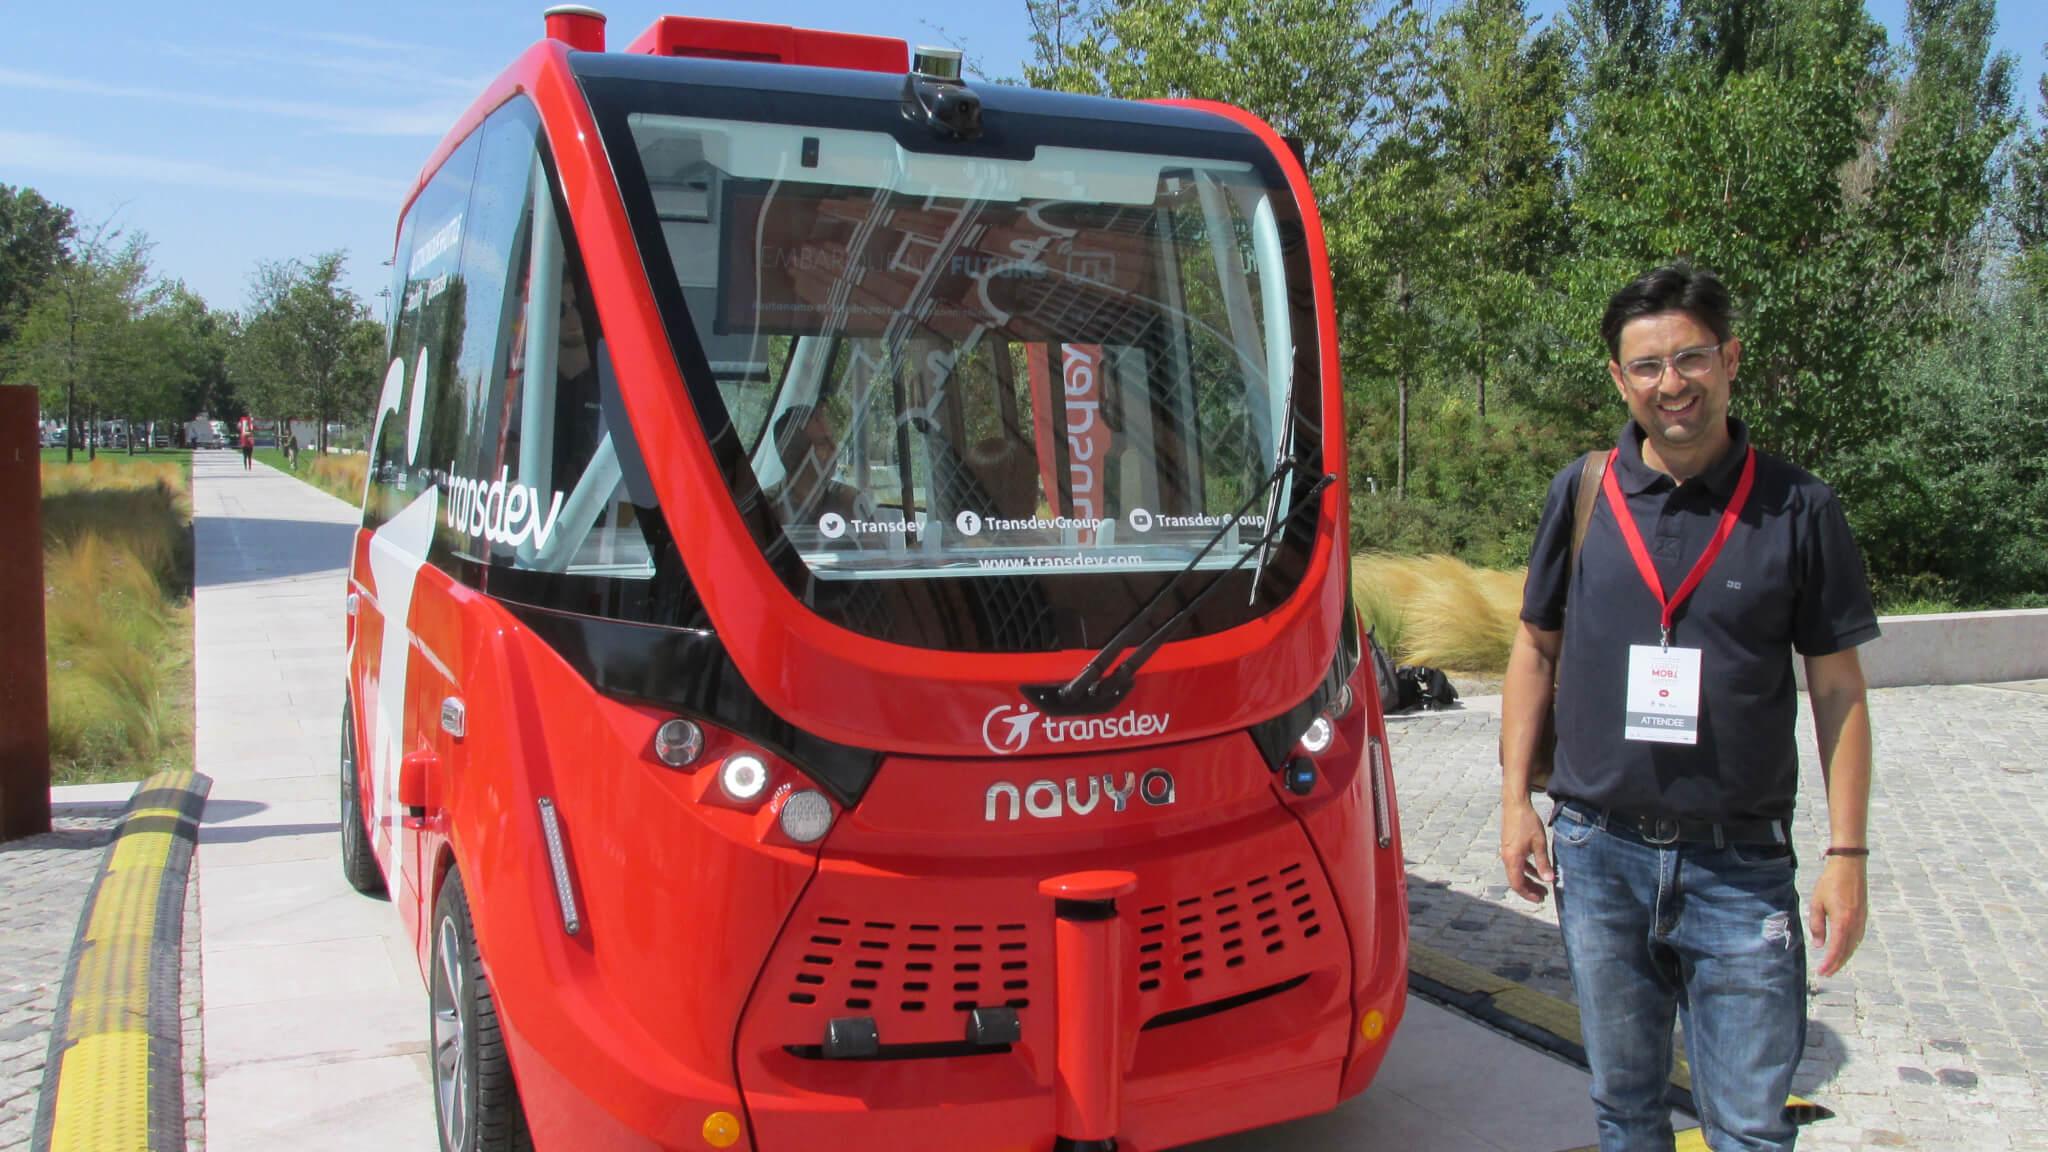 Professor participa de evento de mobilidade urbana em Lisboa